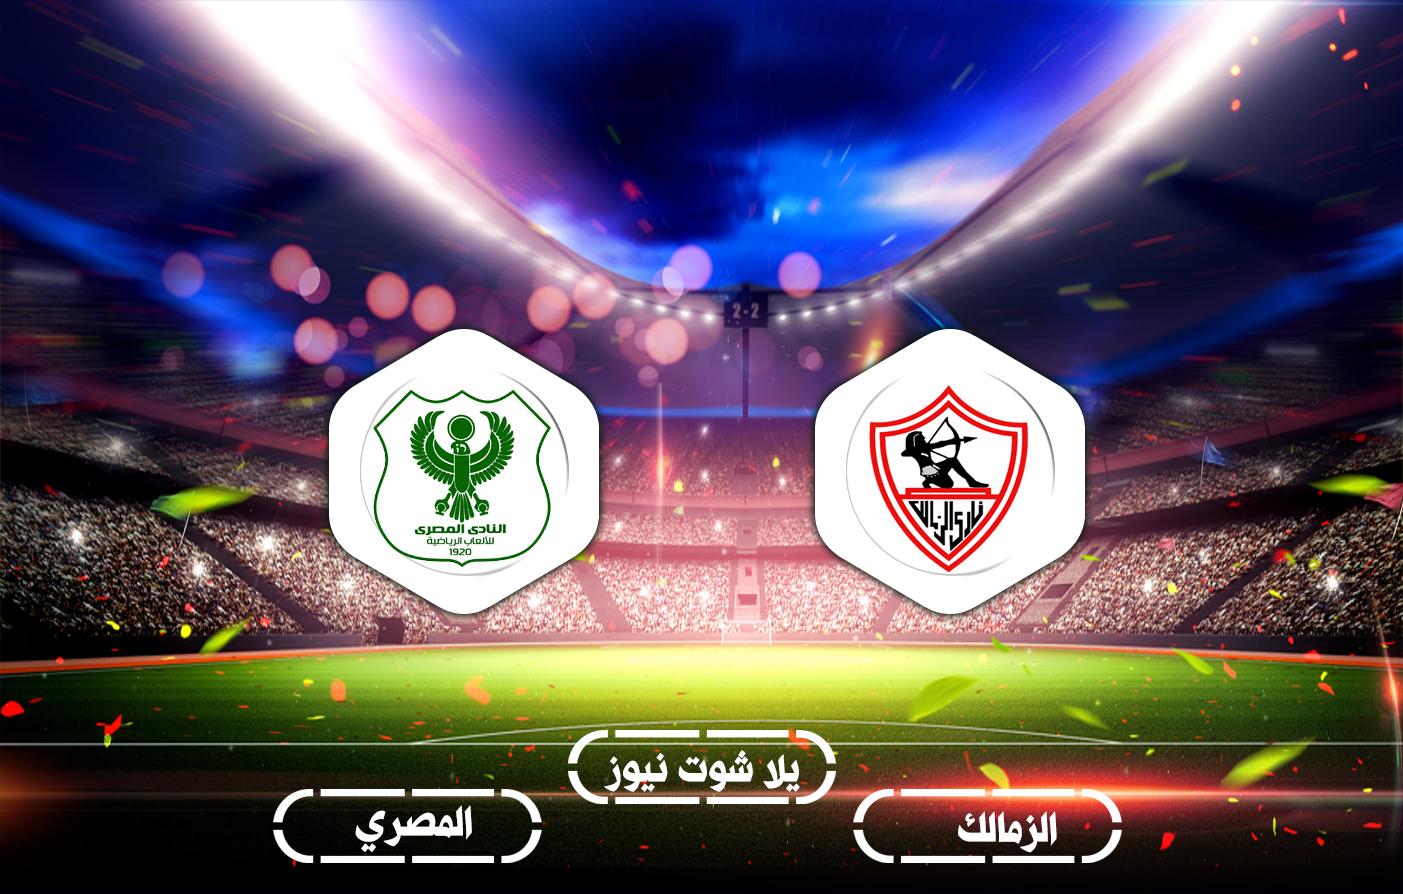 مشاهدة مباراة الزمالك والمصري الدوري المصري1\10\2020 يلا شوت